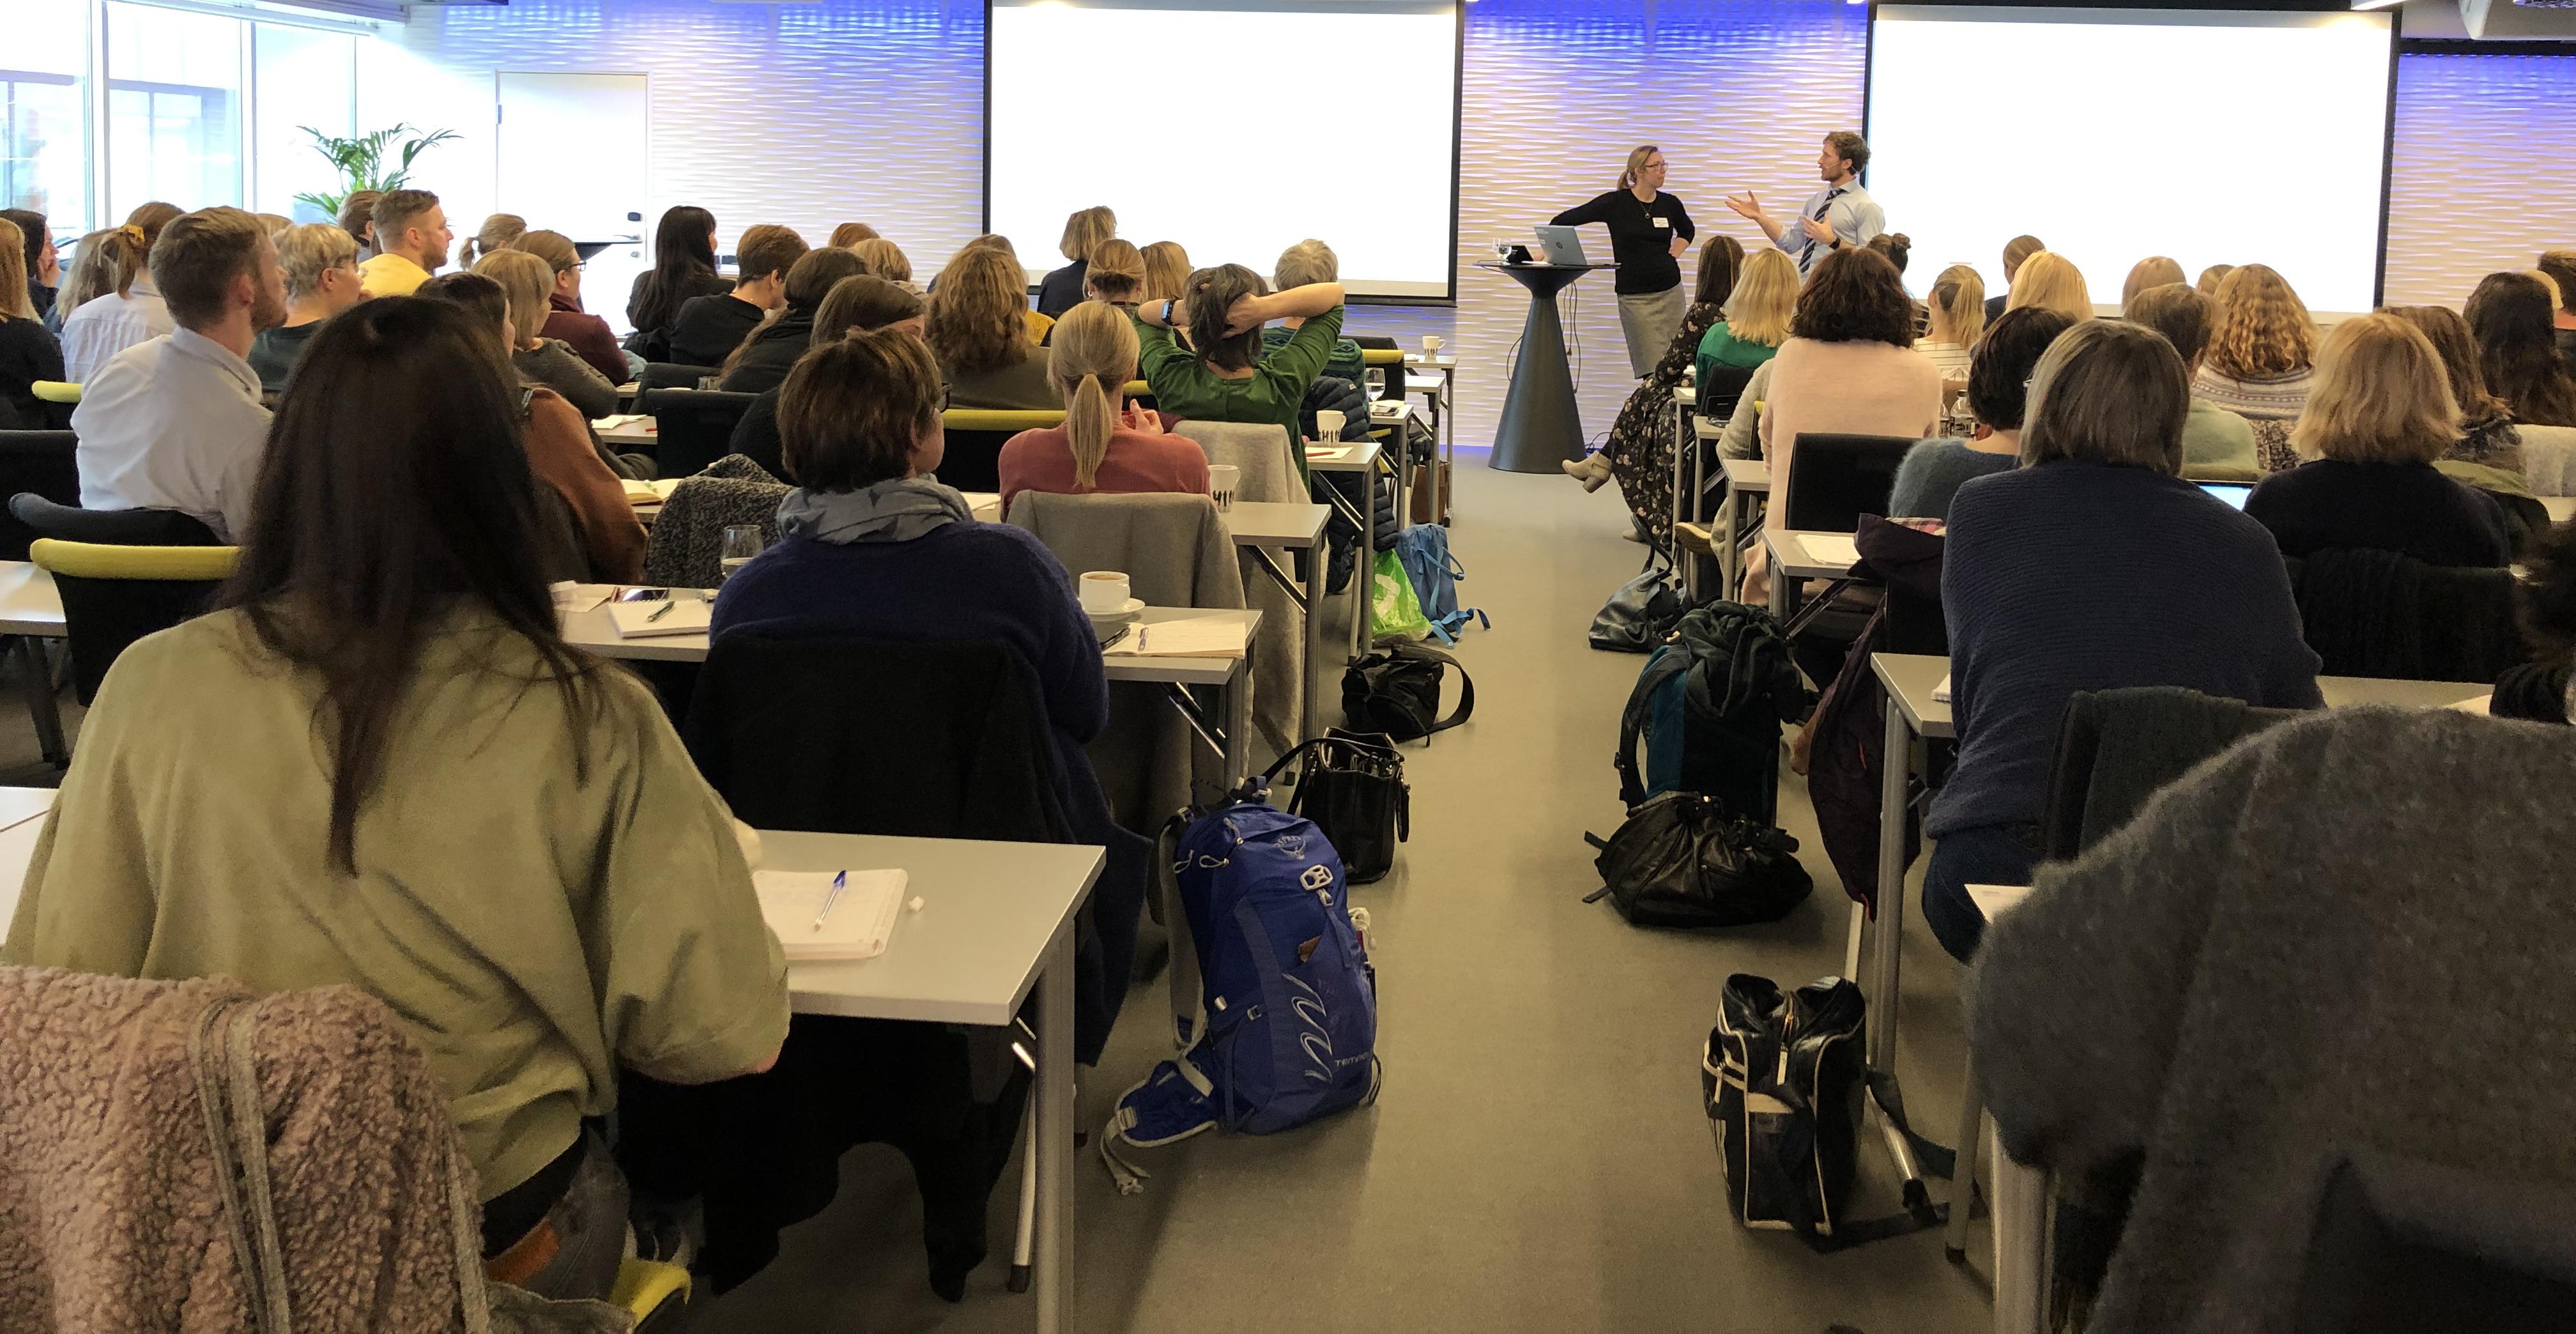 Per Hellevik og Helene Flood Aakvaag foreleste om digital vold og skam for en sal fullsatt av traumeterapeuter og forskere.